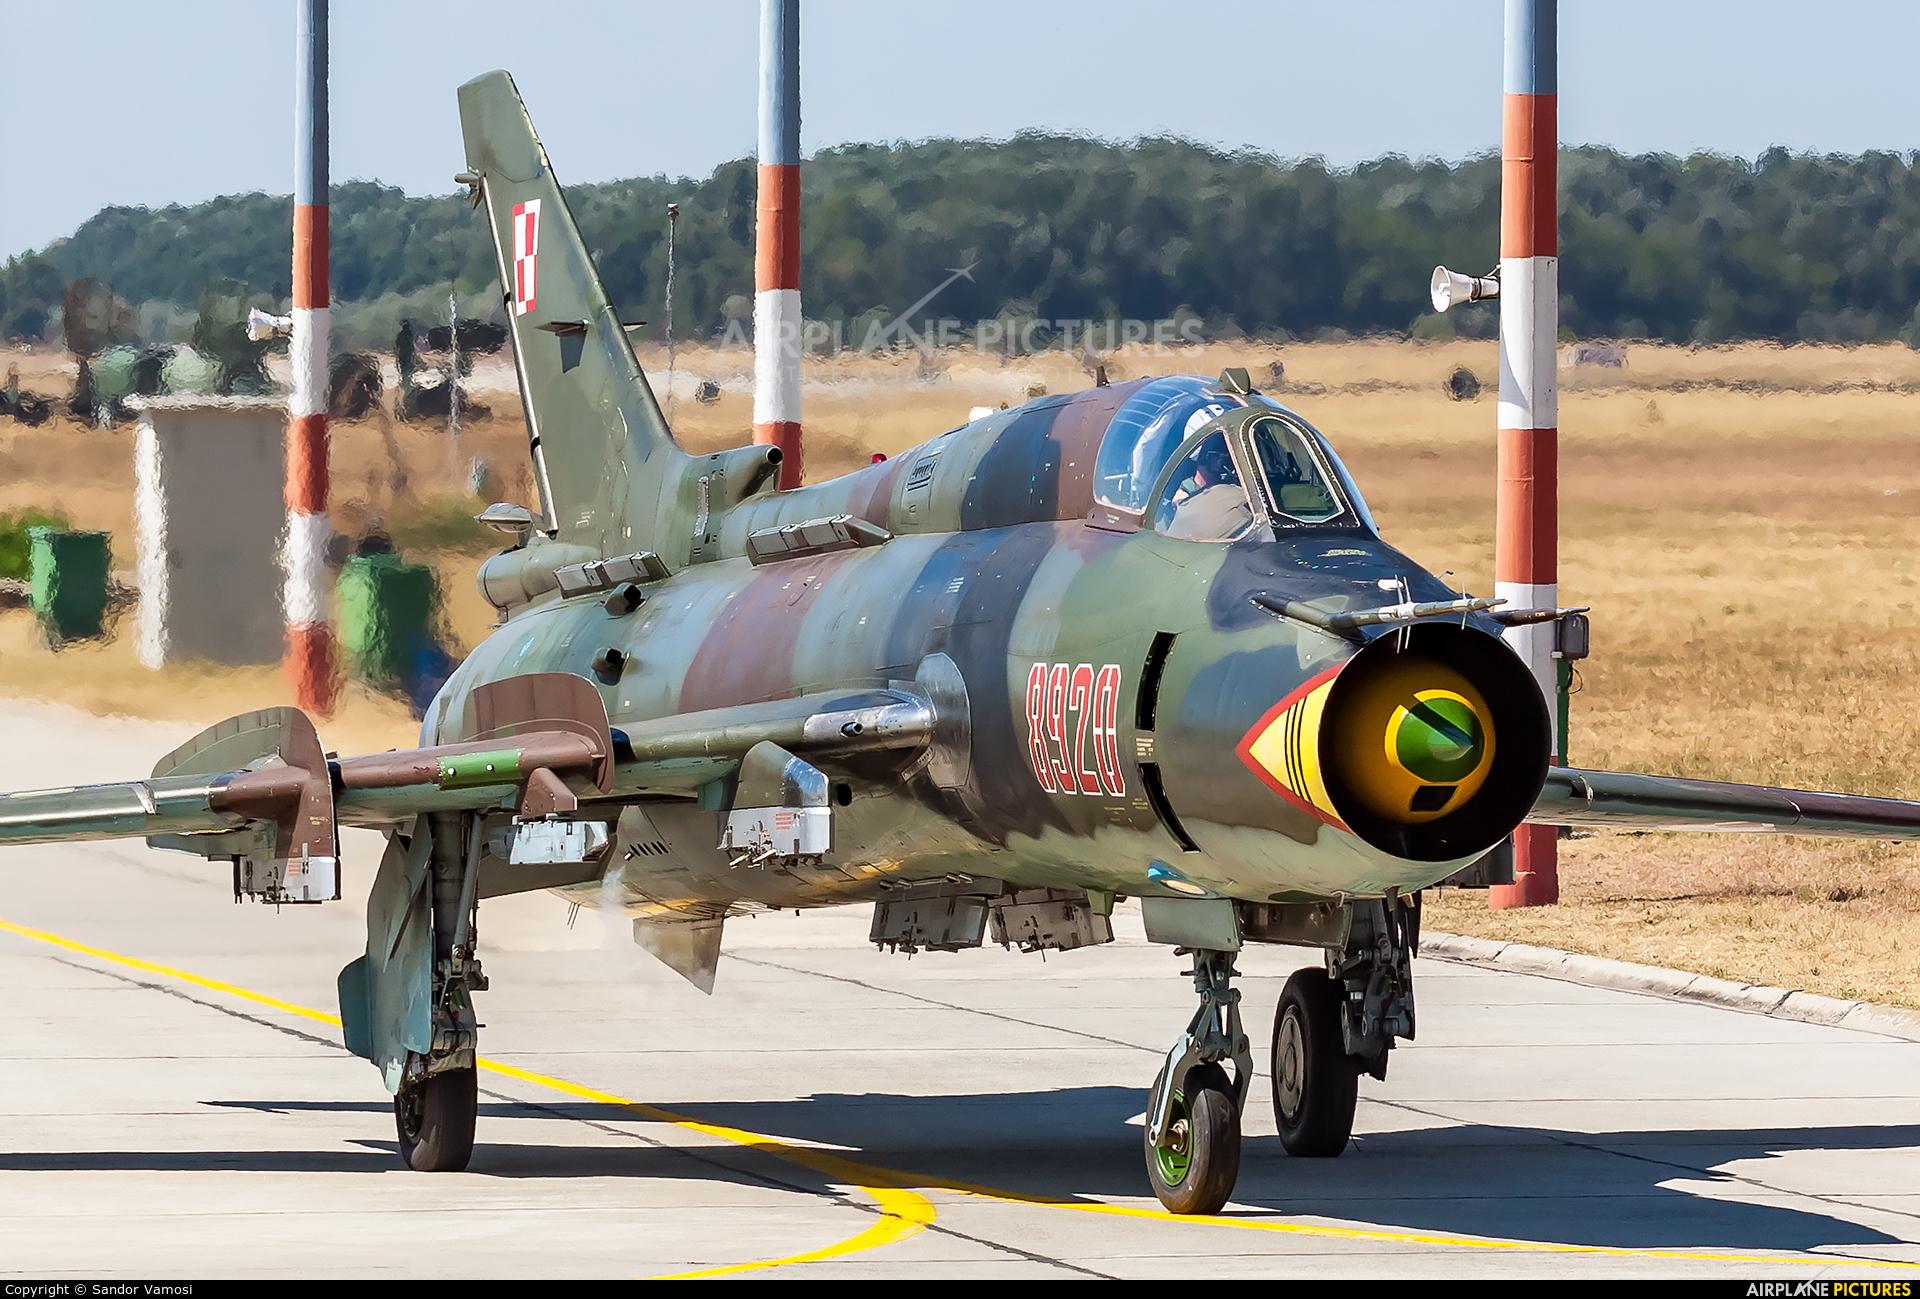 Poland - Air Force 8920 aircraft at Kecskemét